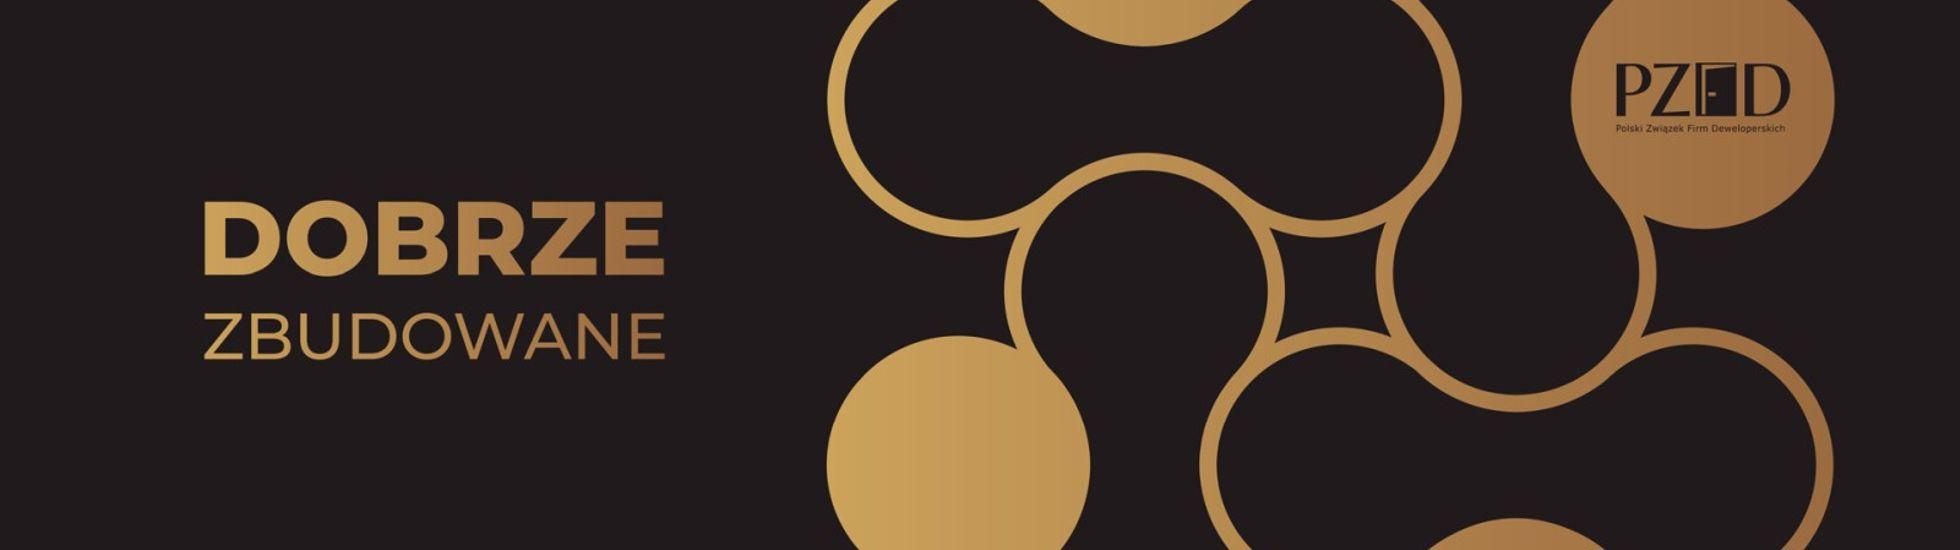 """[Polska] W maju poznamy laureatów konkursu """"Dobrze zbudowane"""". Polski Związek Firm Deweloperskich ogłosił rozpoczęcie przyjmowania zgłoszeń"""